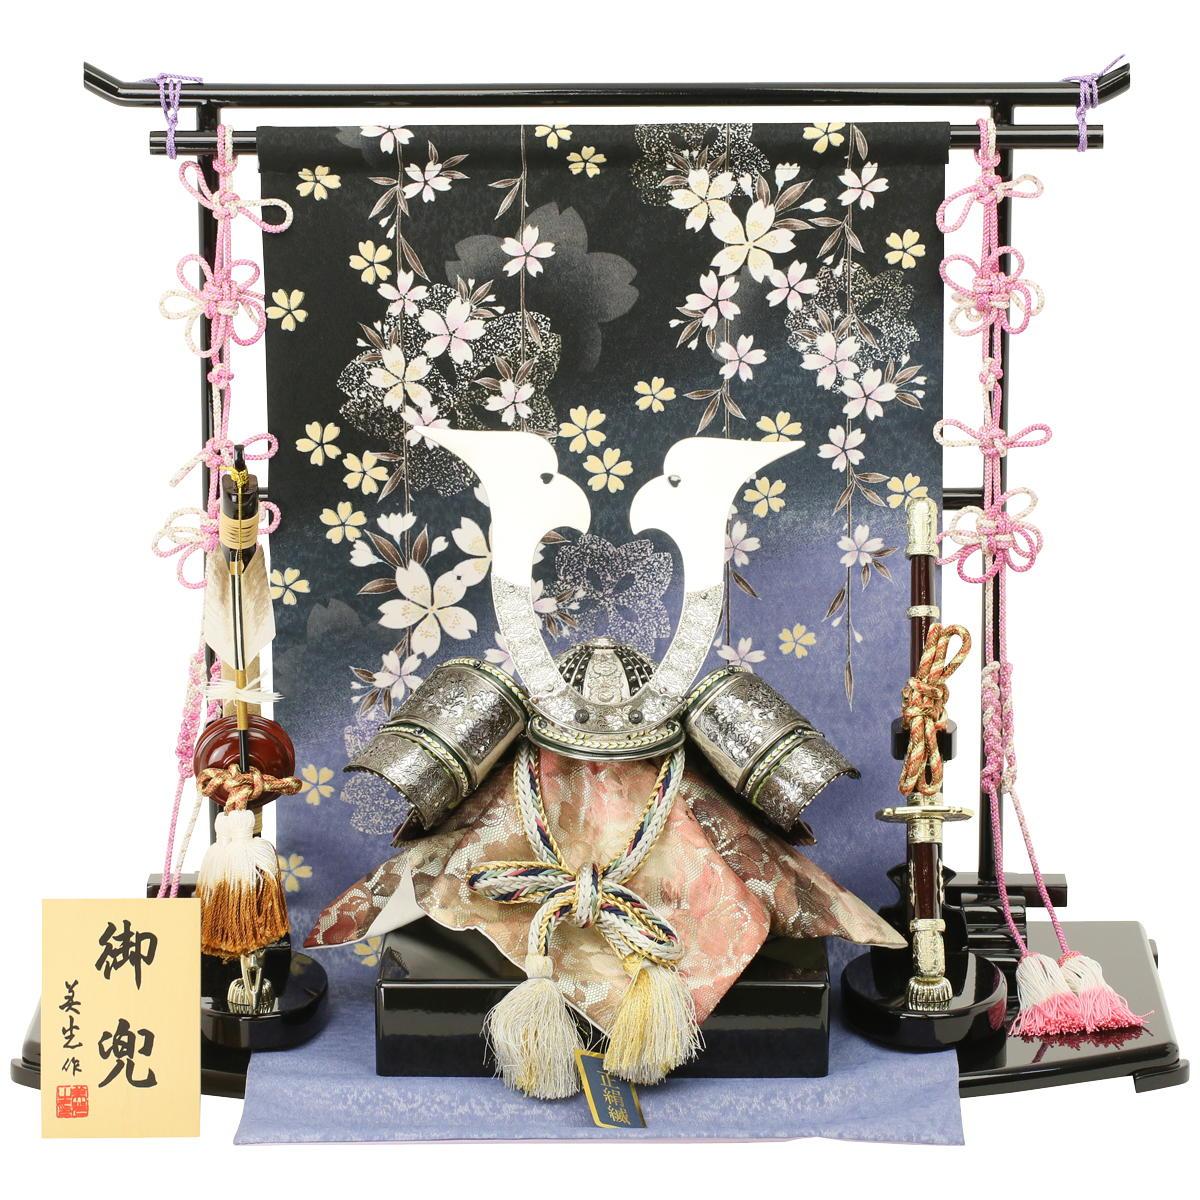 五月人形 兜 兜飾り 子供の日 端午の節句 5月人形 送料無料 いぶし銀(正絹糸縅仕上) last1 人形広場